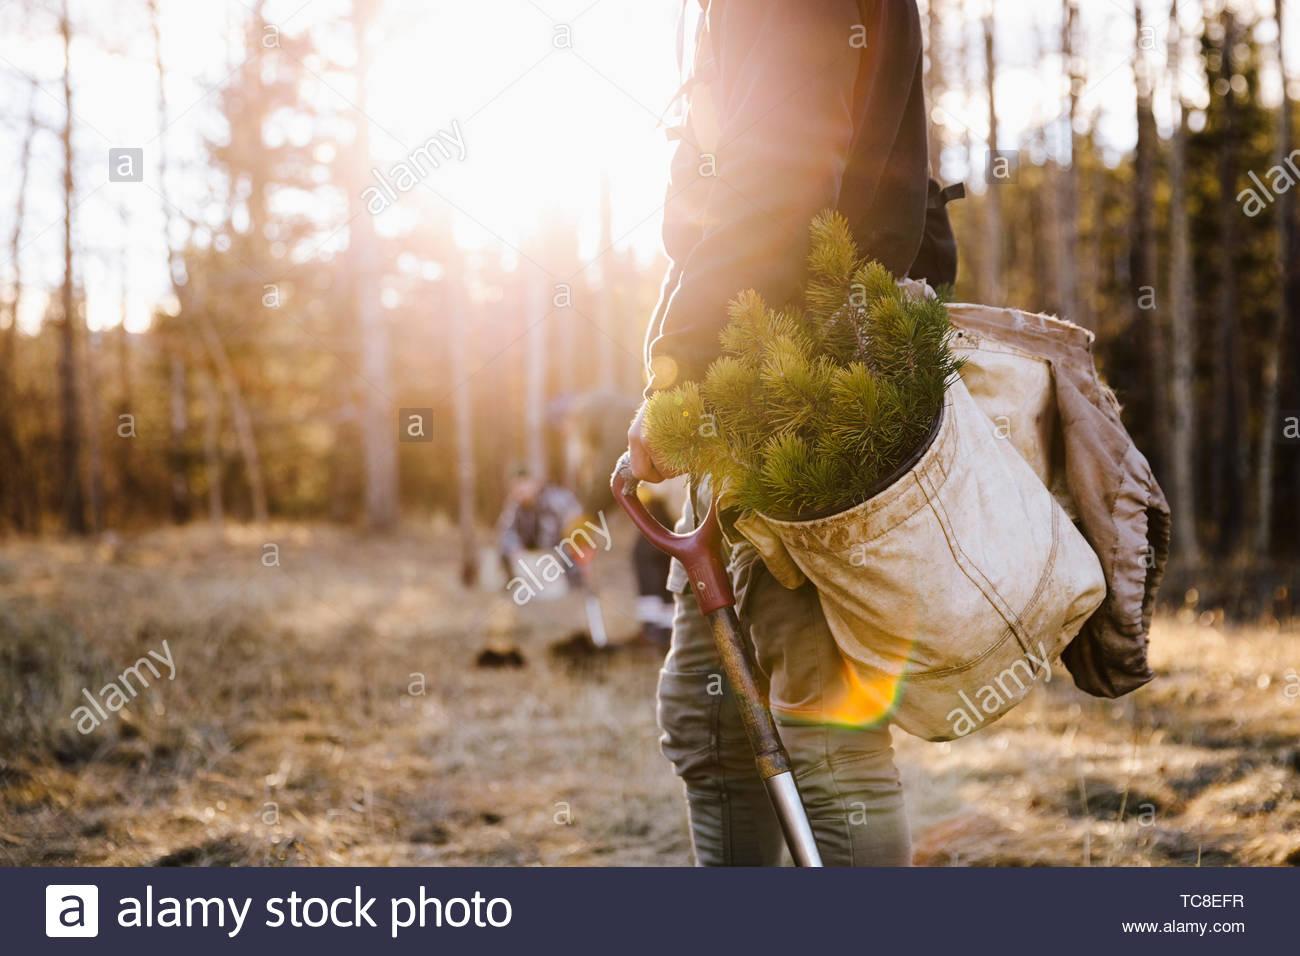 Los voluntarios la plantación de árboles en bosques soleados Imagen De Stock